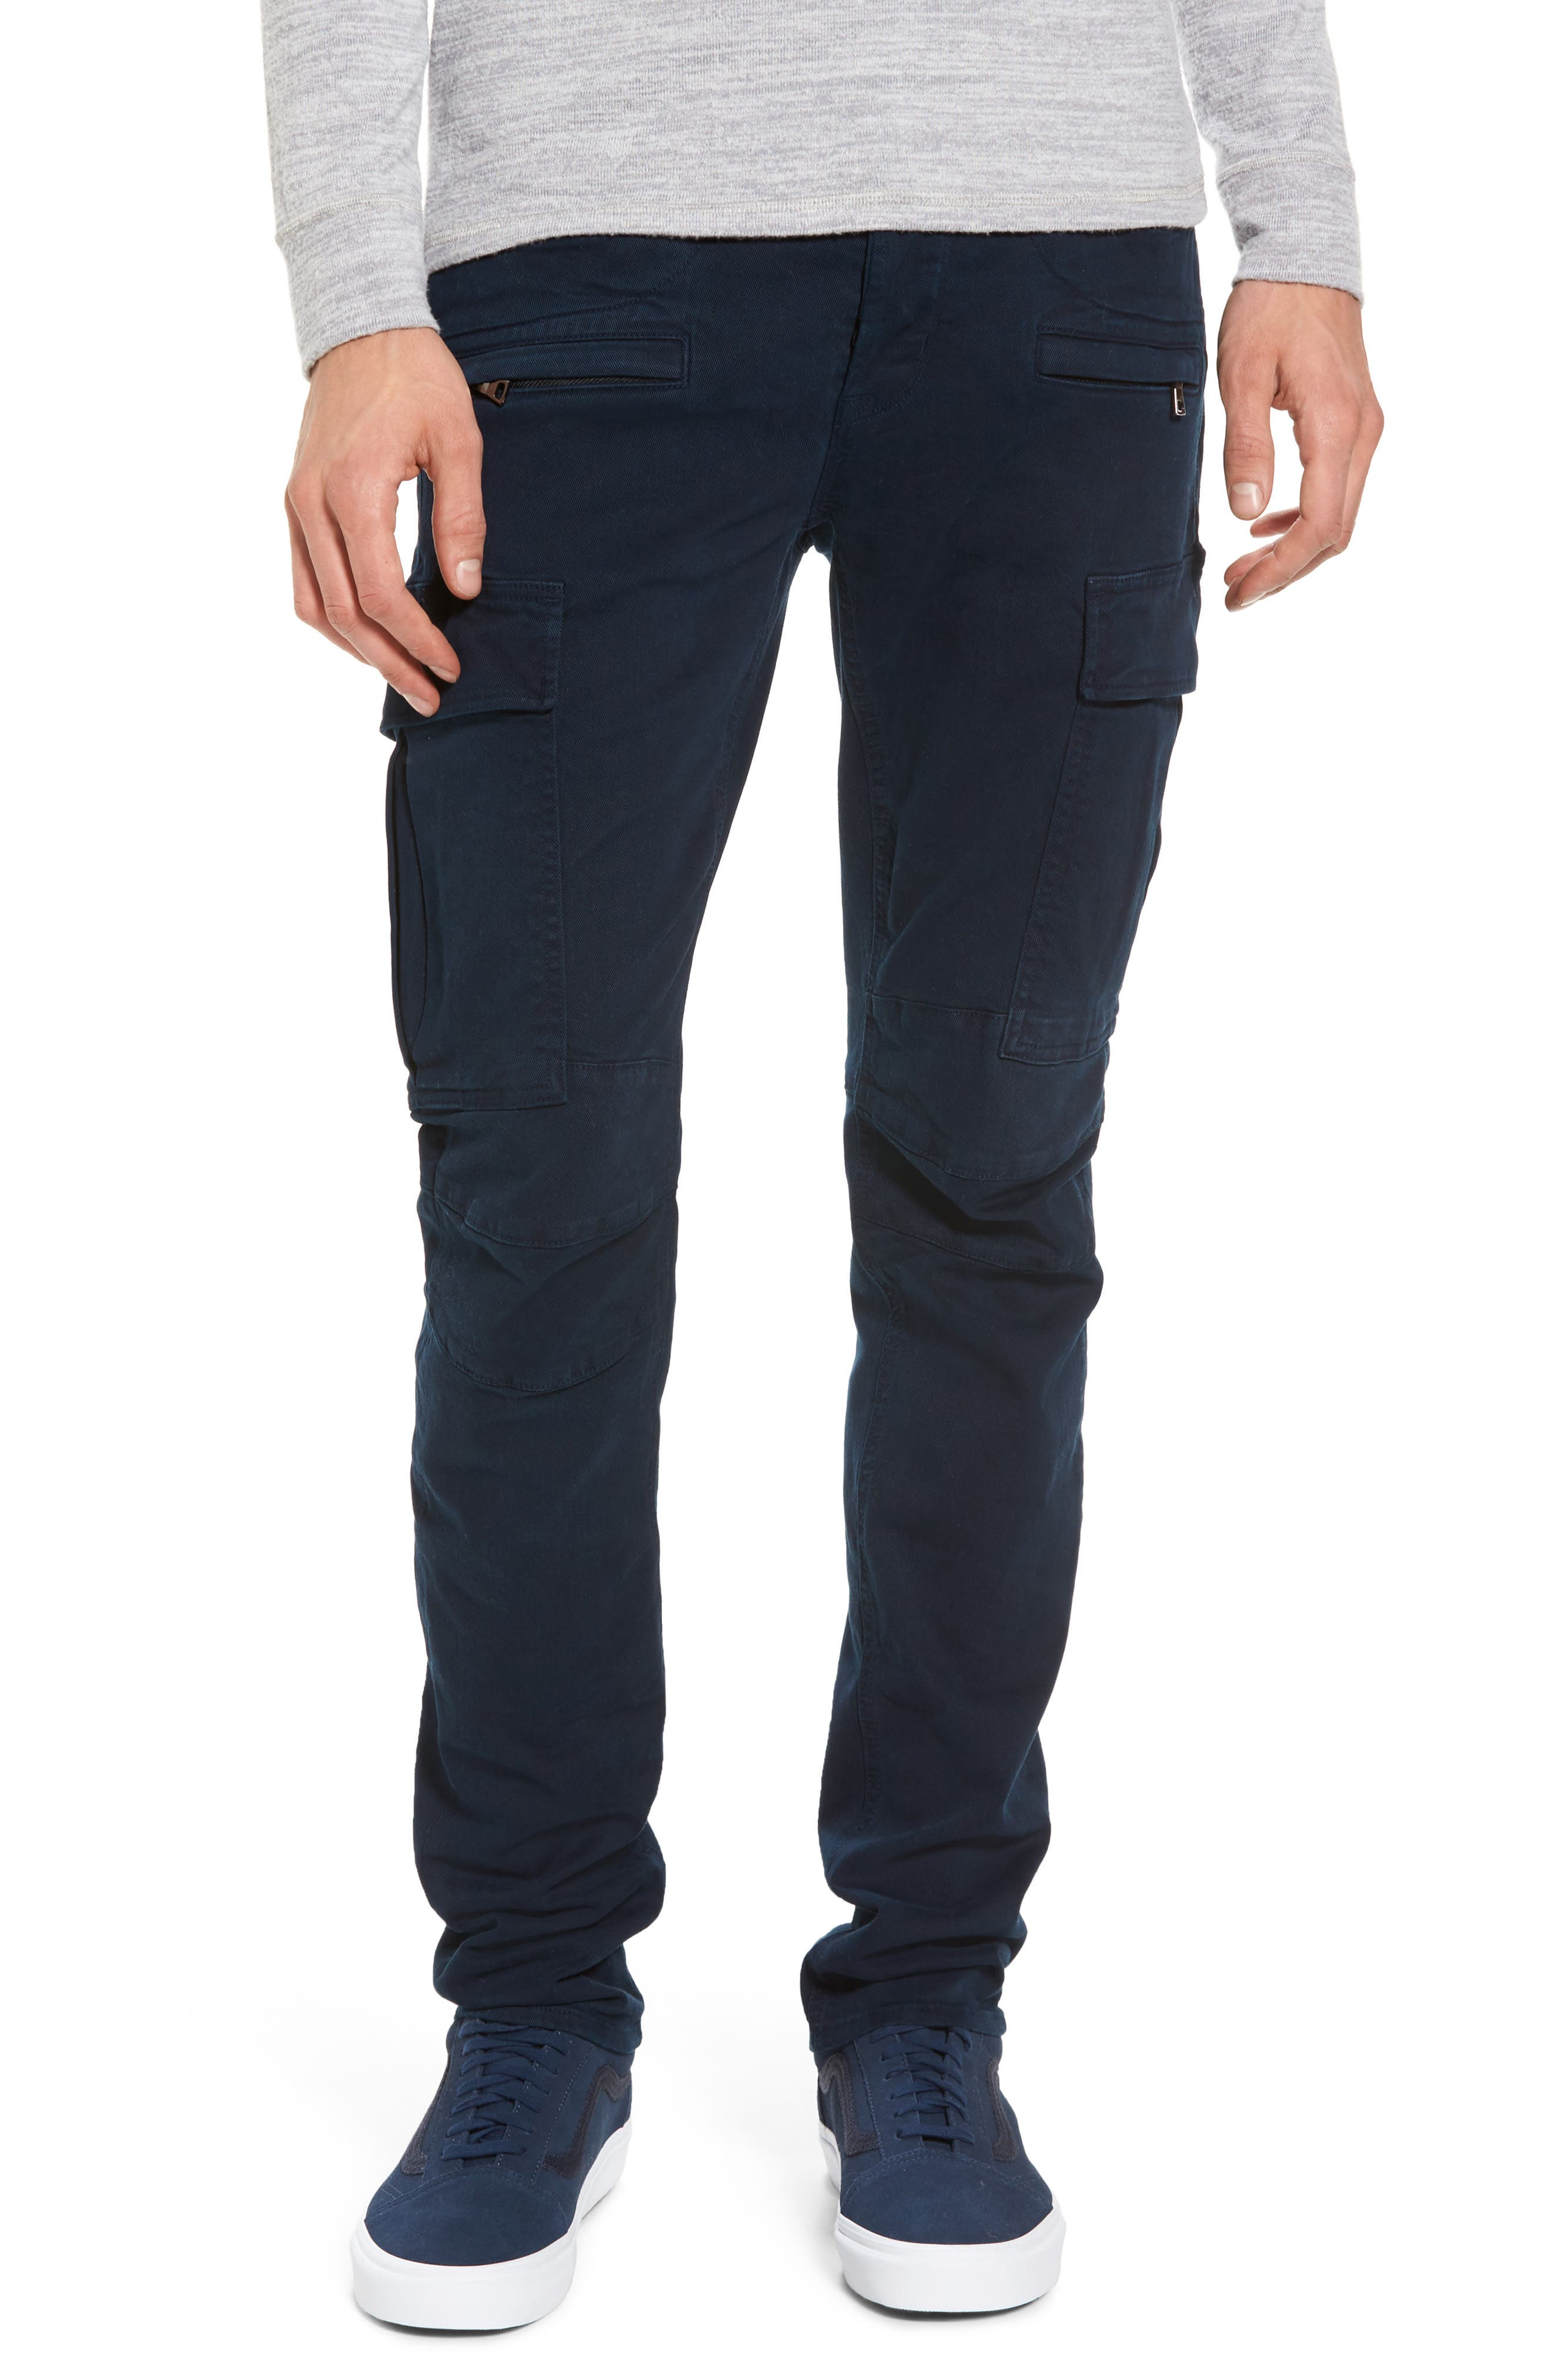 Greyson Cargo Biker Skinny Fit Jeans,                         Main,                         color, Ink